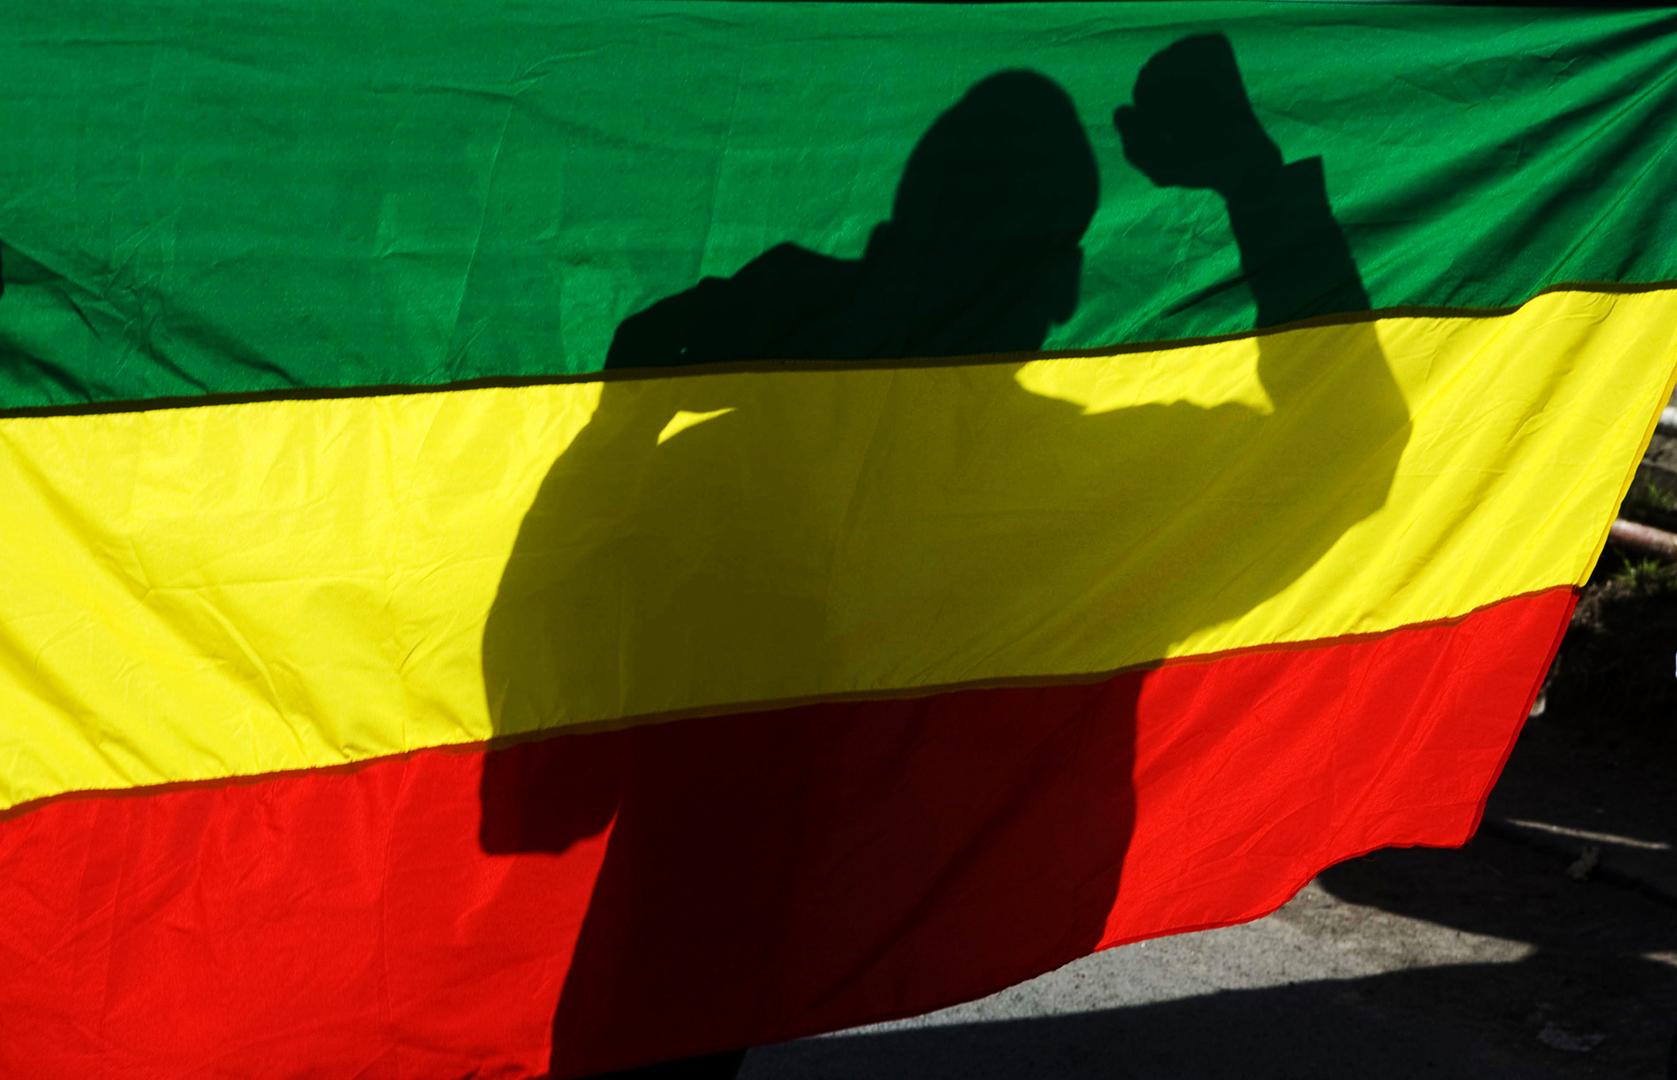 أديس أبابا تؤكد أن الحوار يظل الحل الأنسب لقضية الحدود مع السودان